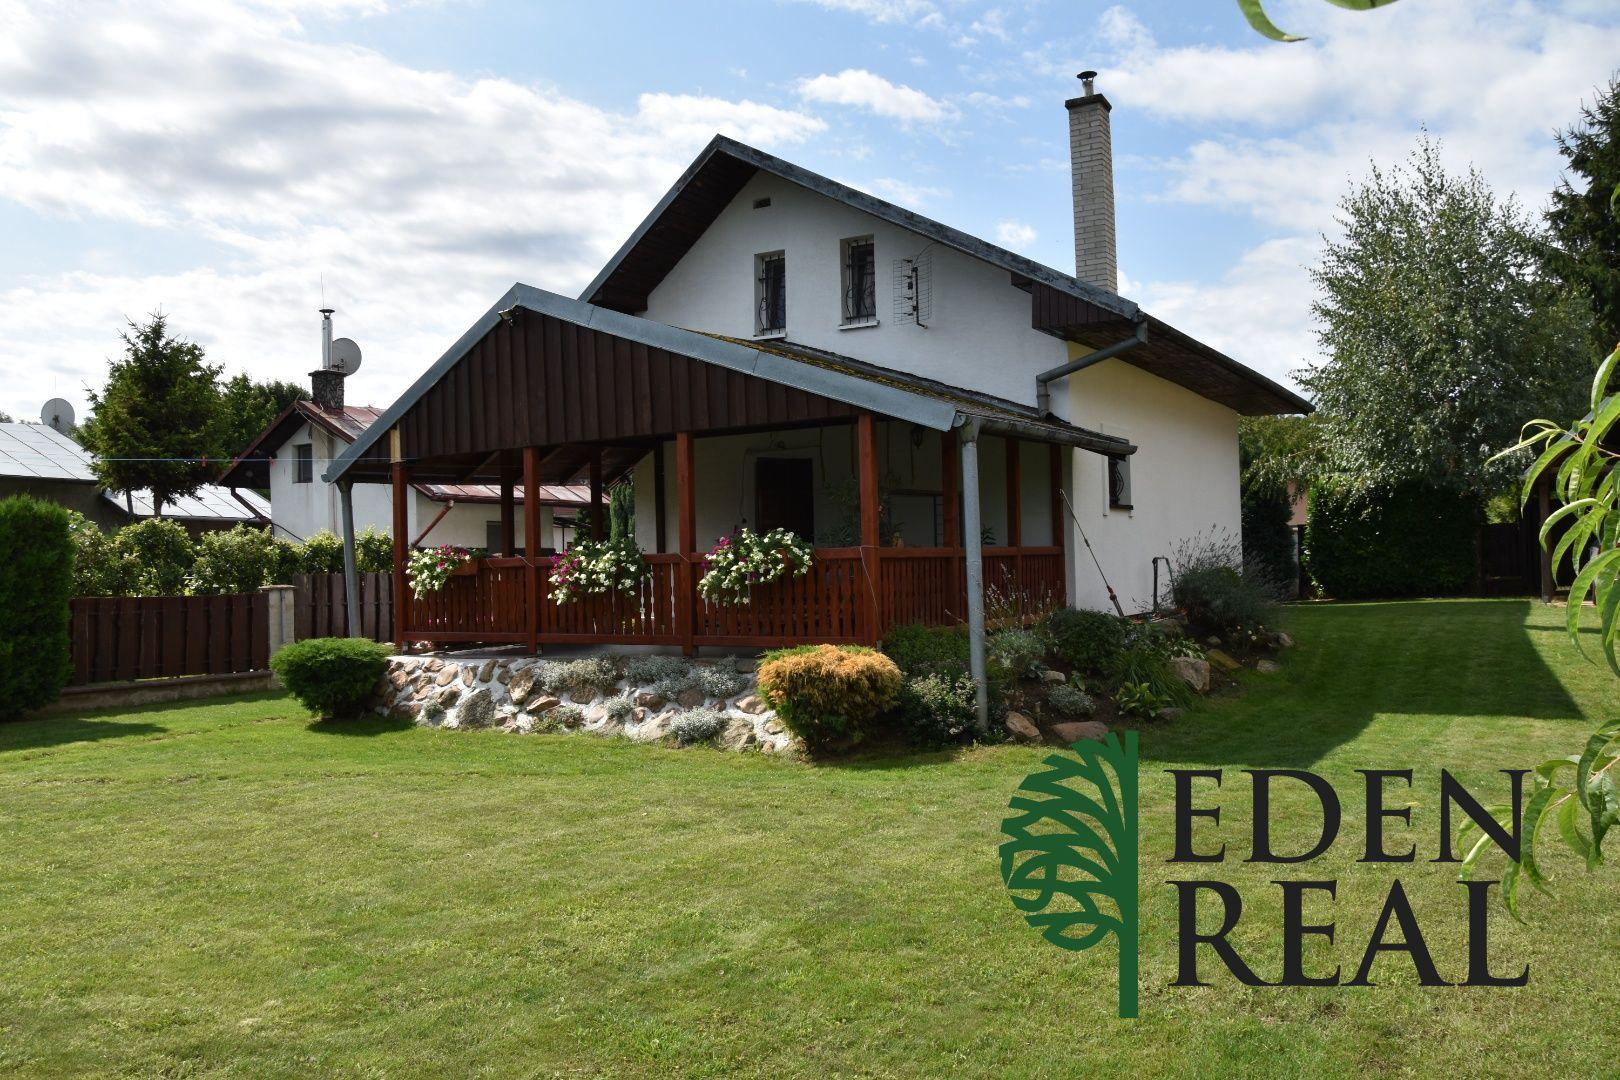 Predaj 4 izbovej rekreačnej chaty v malebnej záhradkárskej oblasti